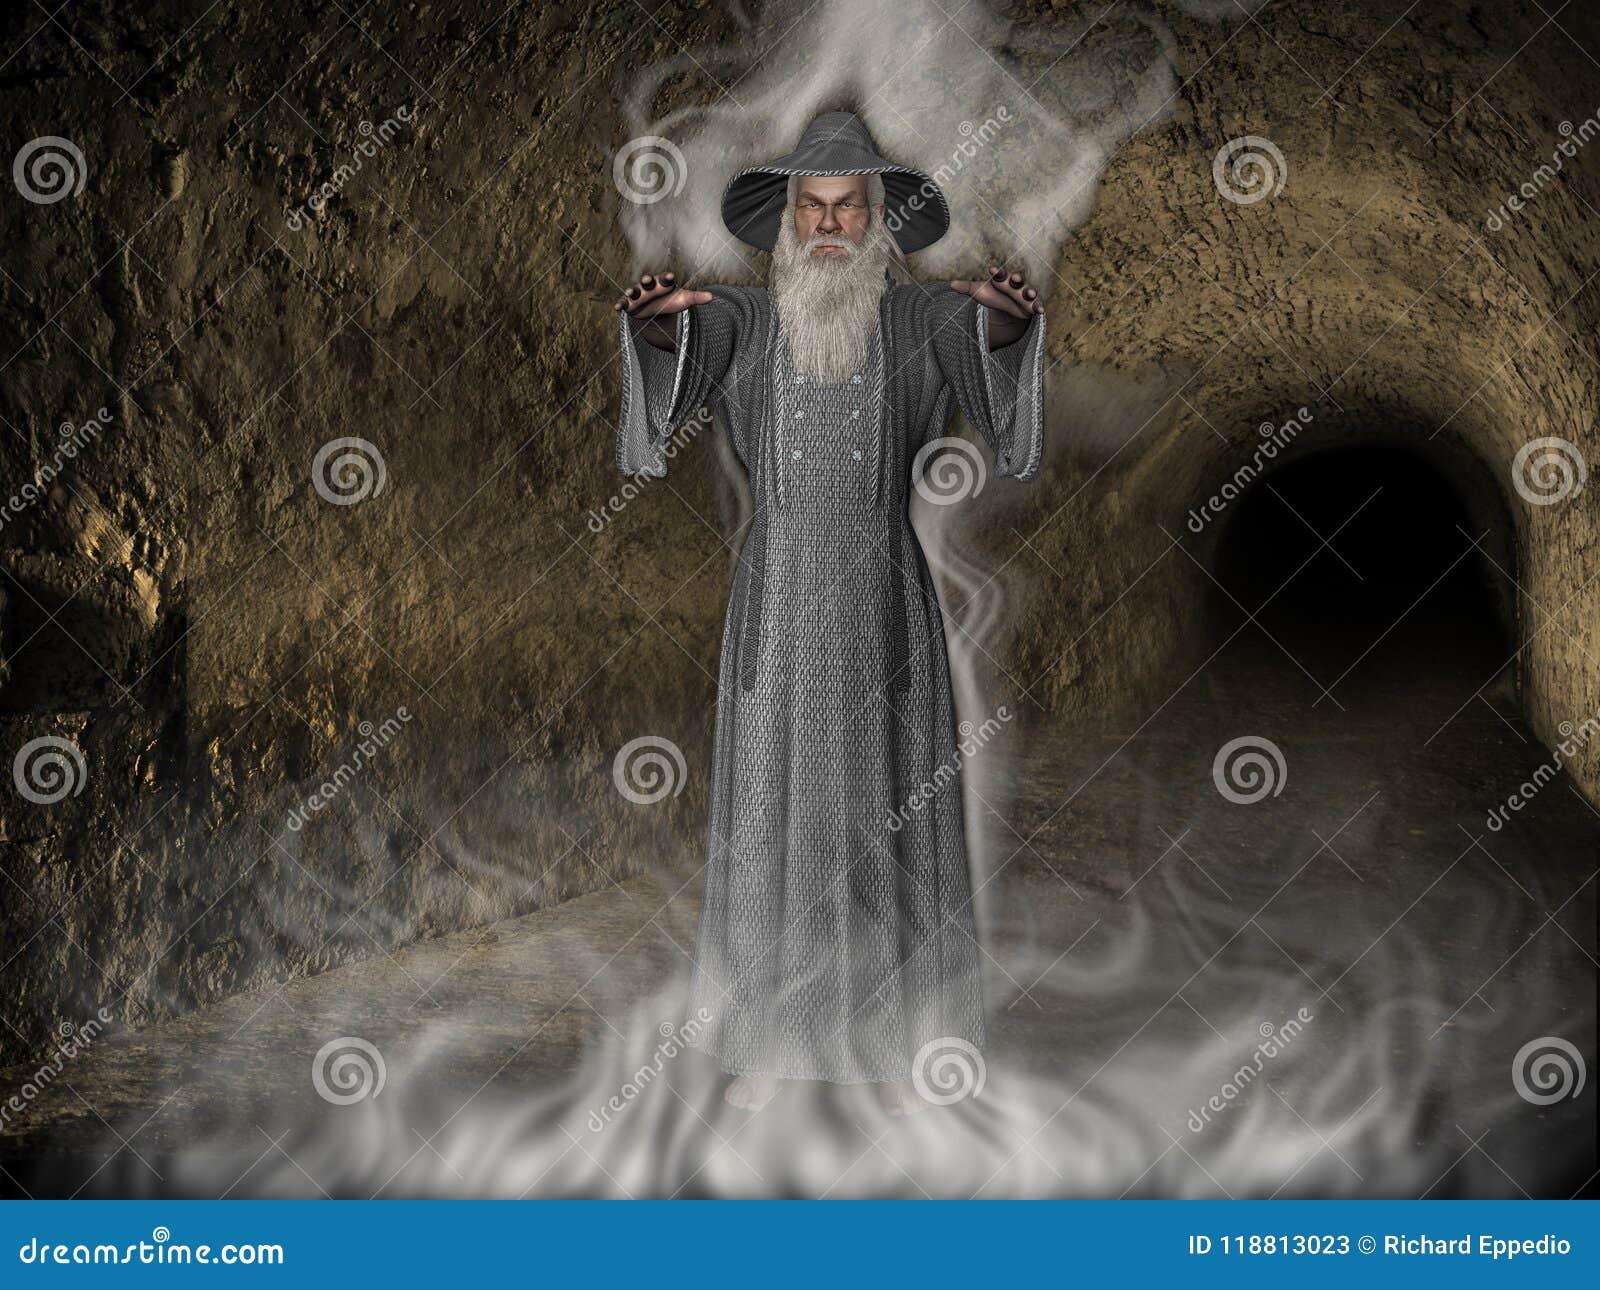 3D Illustratie van Middeleeuwse Tovenaar in Hol met Mist